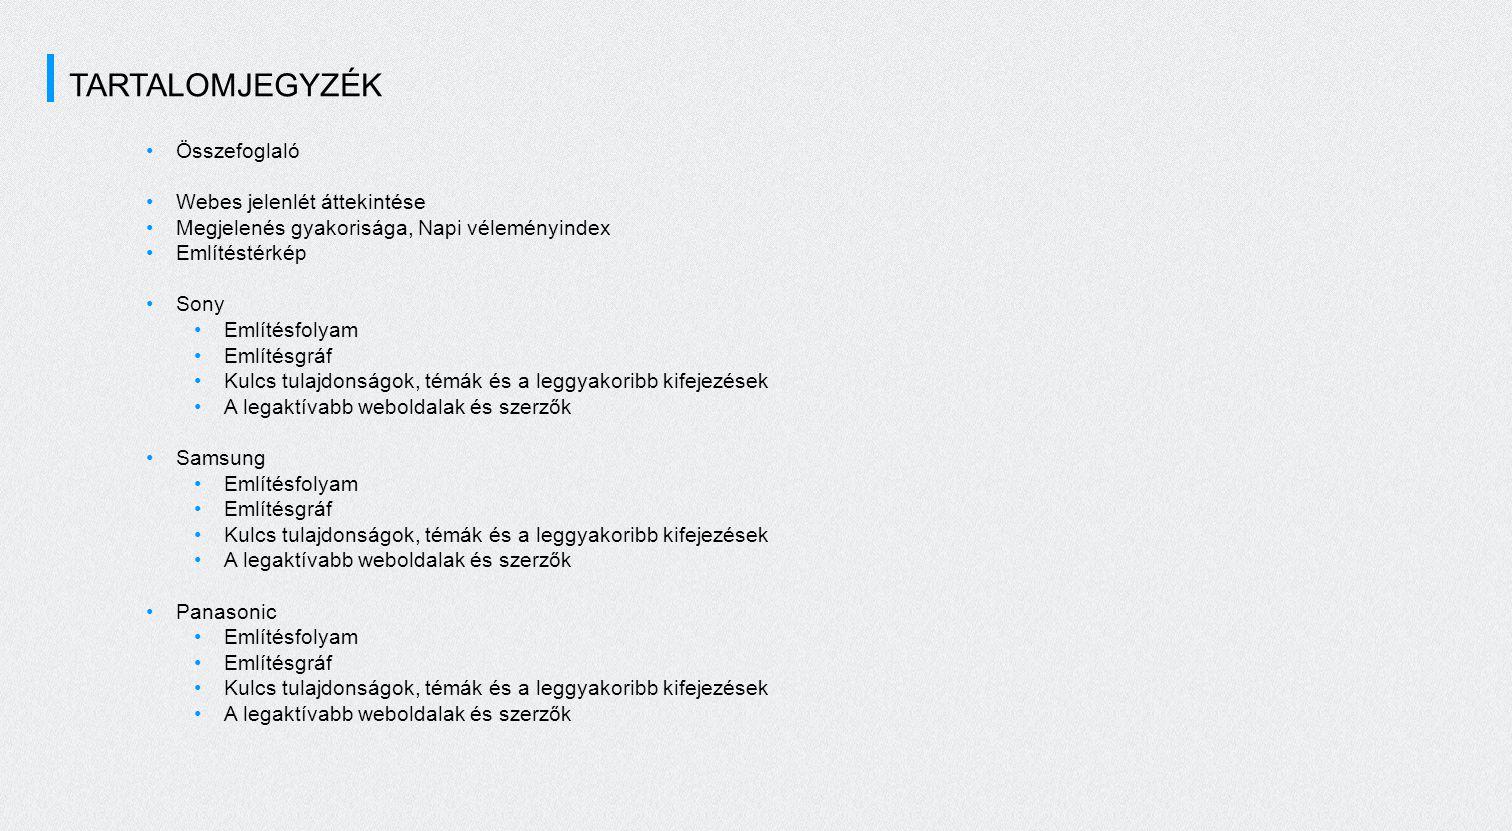 TARTALOMJEGYZÉK Összefoglaló Webes jelenlét áttekintése Megjelenés gyakorisága, Napi véleményindex Említéstérkép Sony Említésfolyam Említésgráf Kulcs